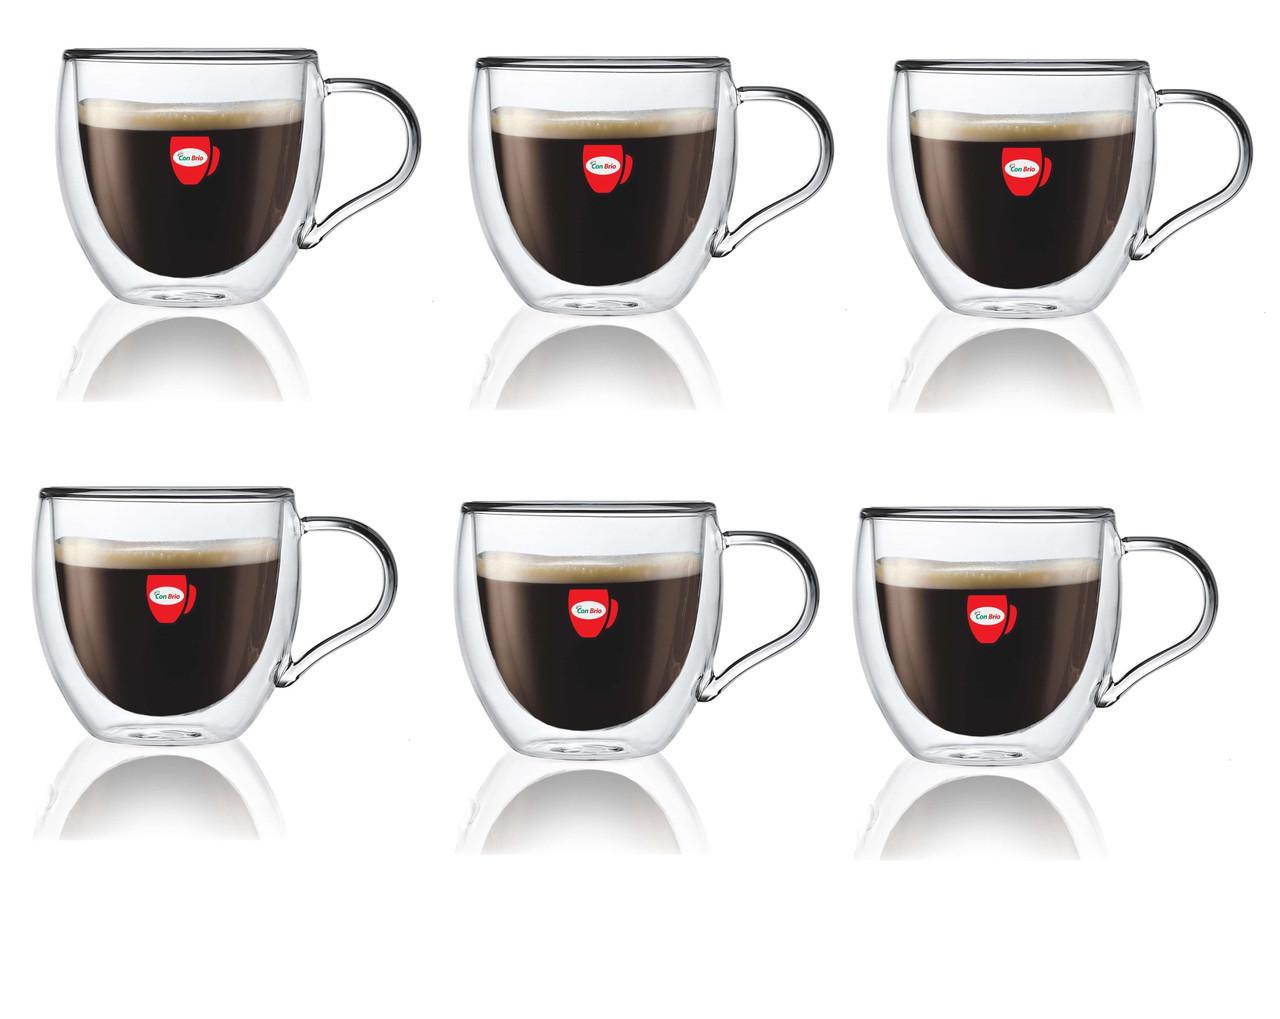 Набор чашек Con Brio с двойными стенками 250 мл упаковка 6 шт (СВ-8625 )